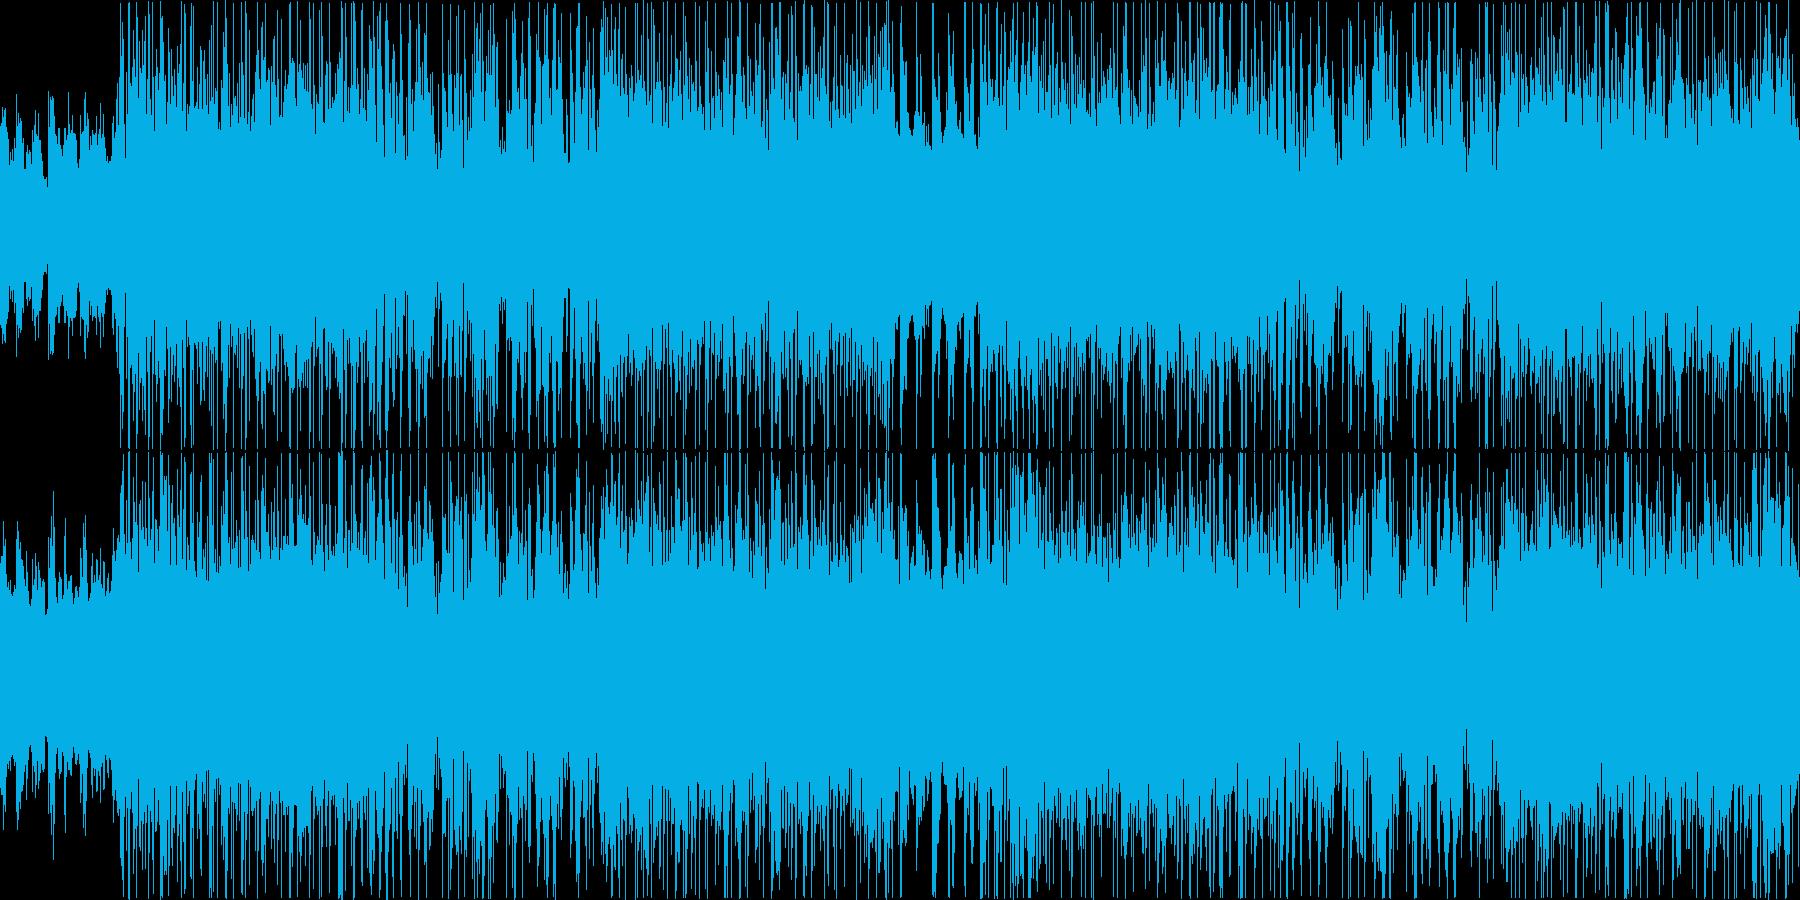 【ループ】緑豊かな雰囲気のアコースティッの再生済みの波形